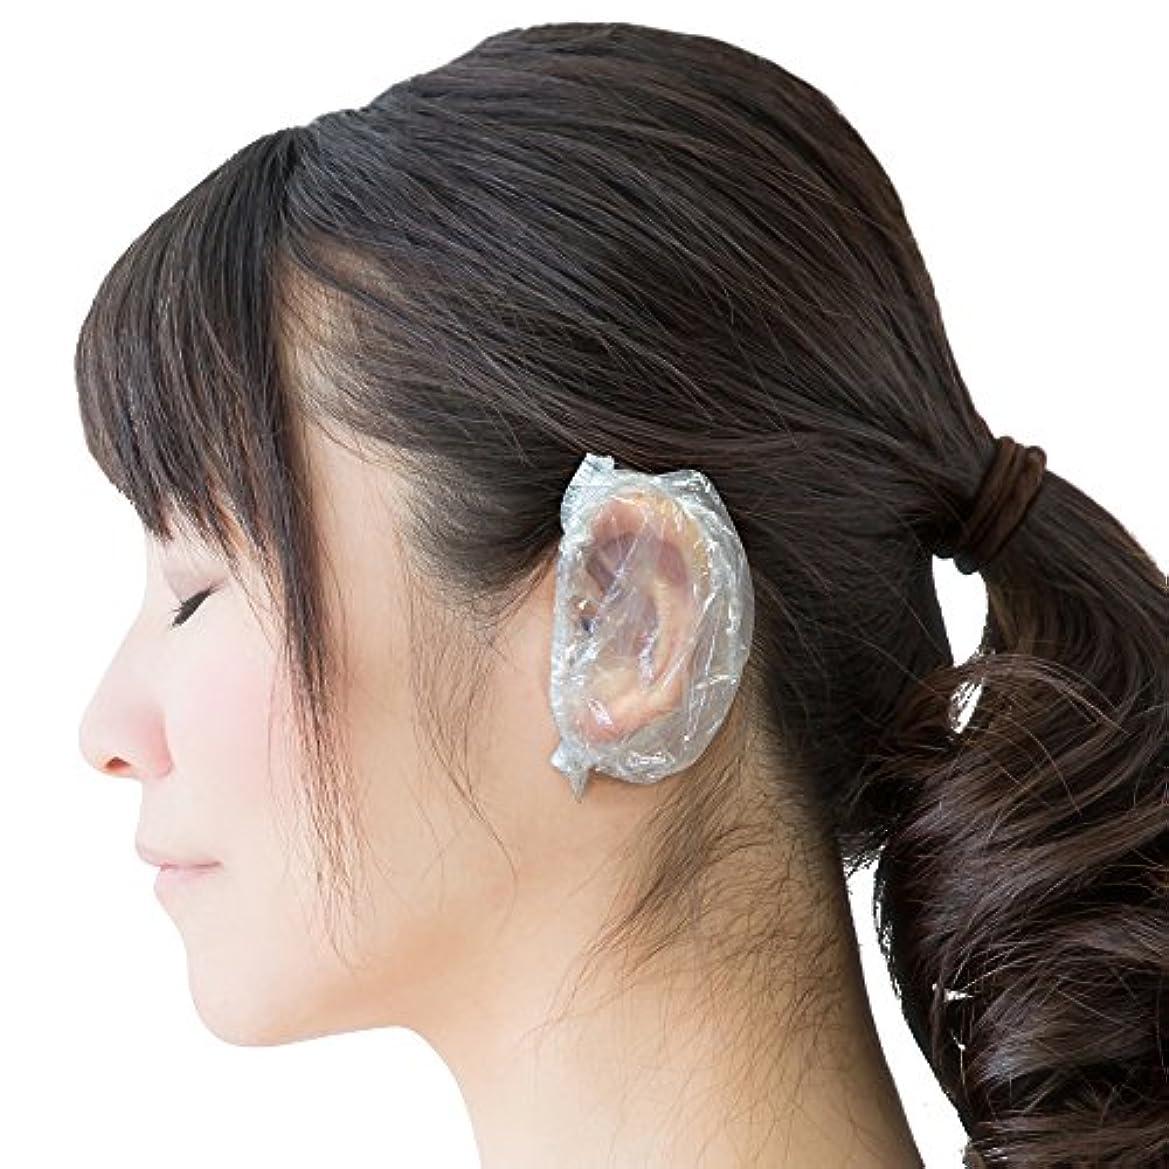 実験的含める渦【Fiveten】 耳キャップ イヤーキャップ 耳カバー 毛染め 使い捨て 100個